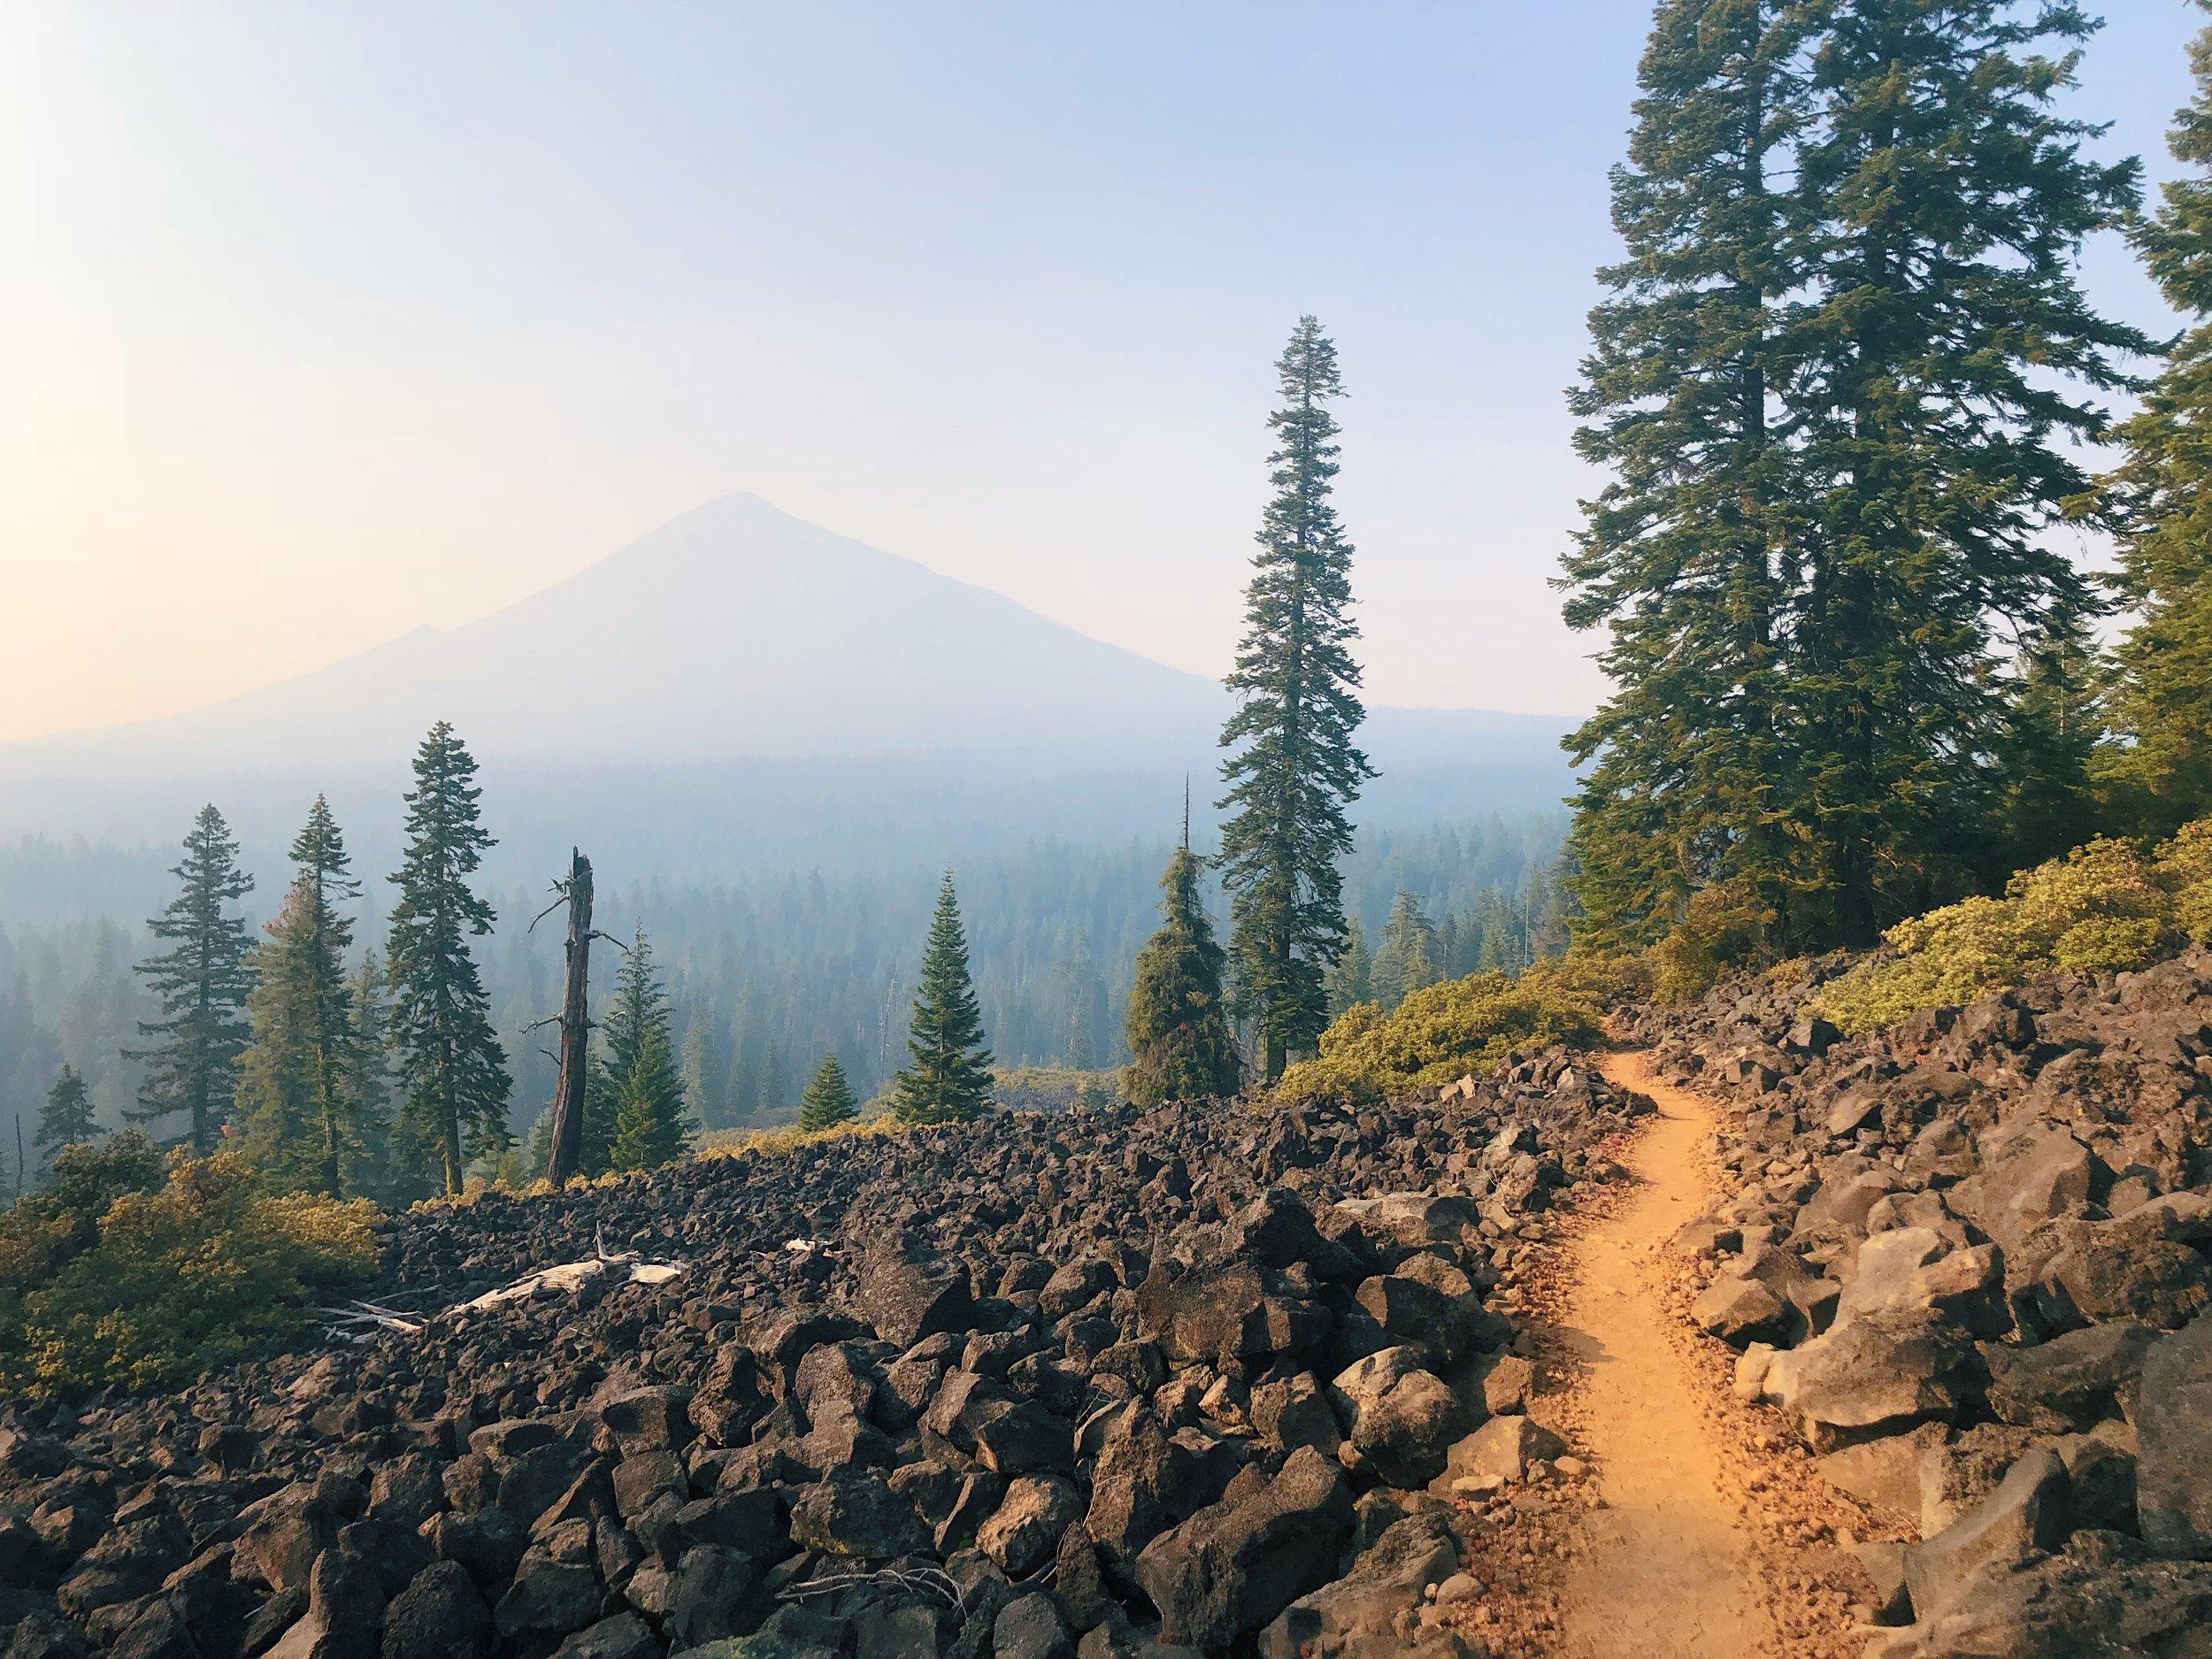 Mt. McLoughlin through the smoke